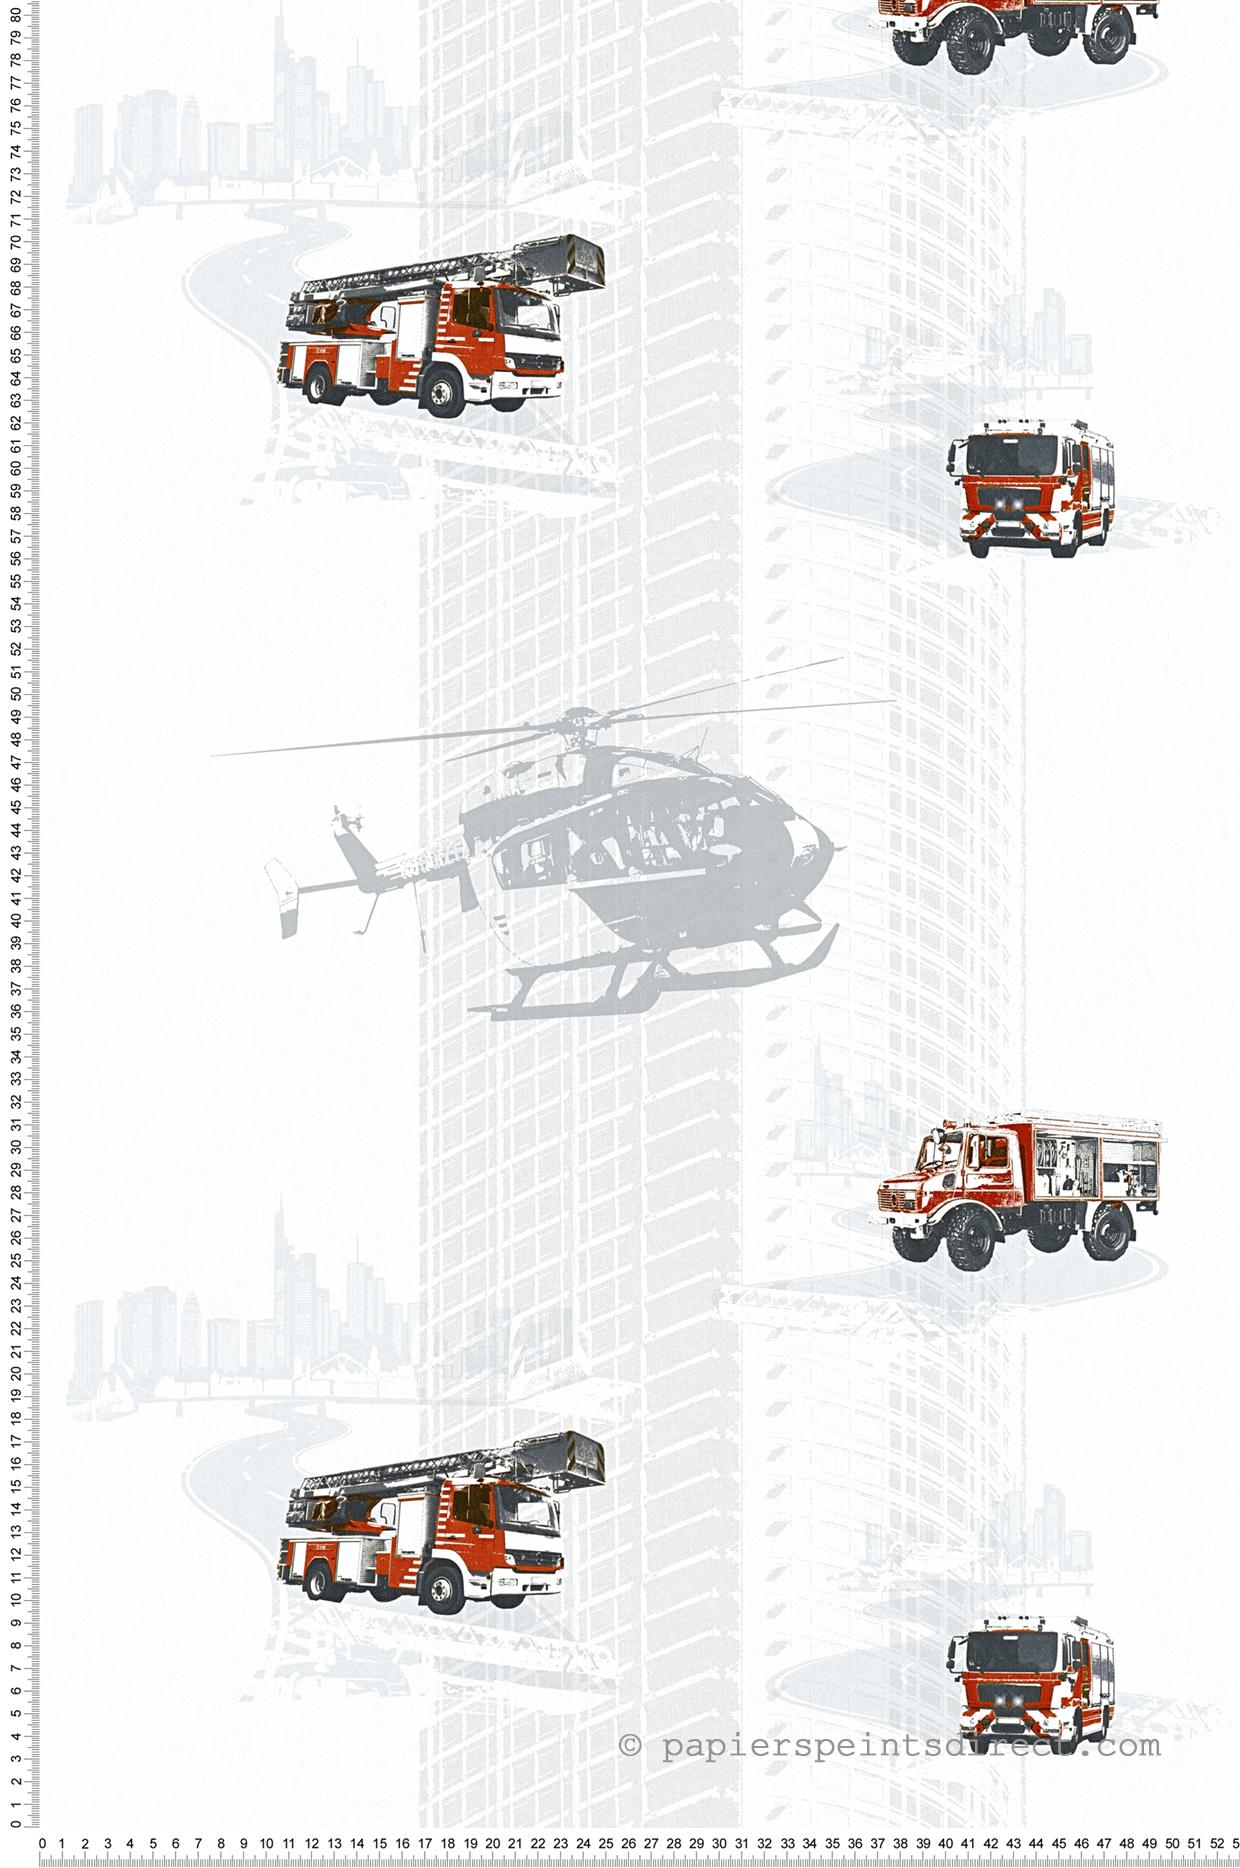 Papier peint camion pompier et hélico blanc - Little Stars AS Création | Réf. SP04341